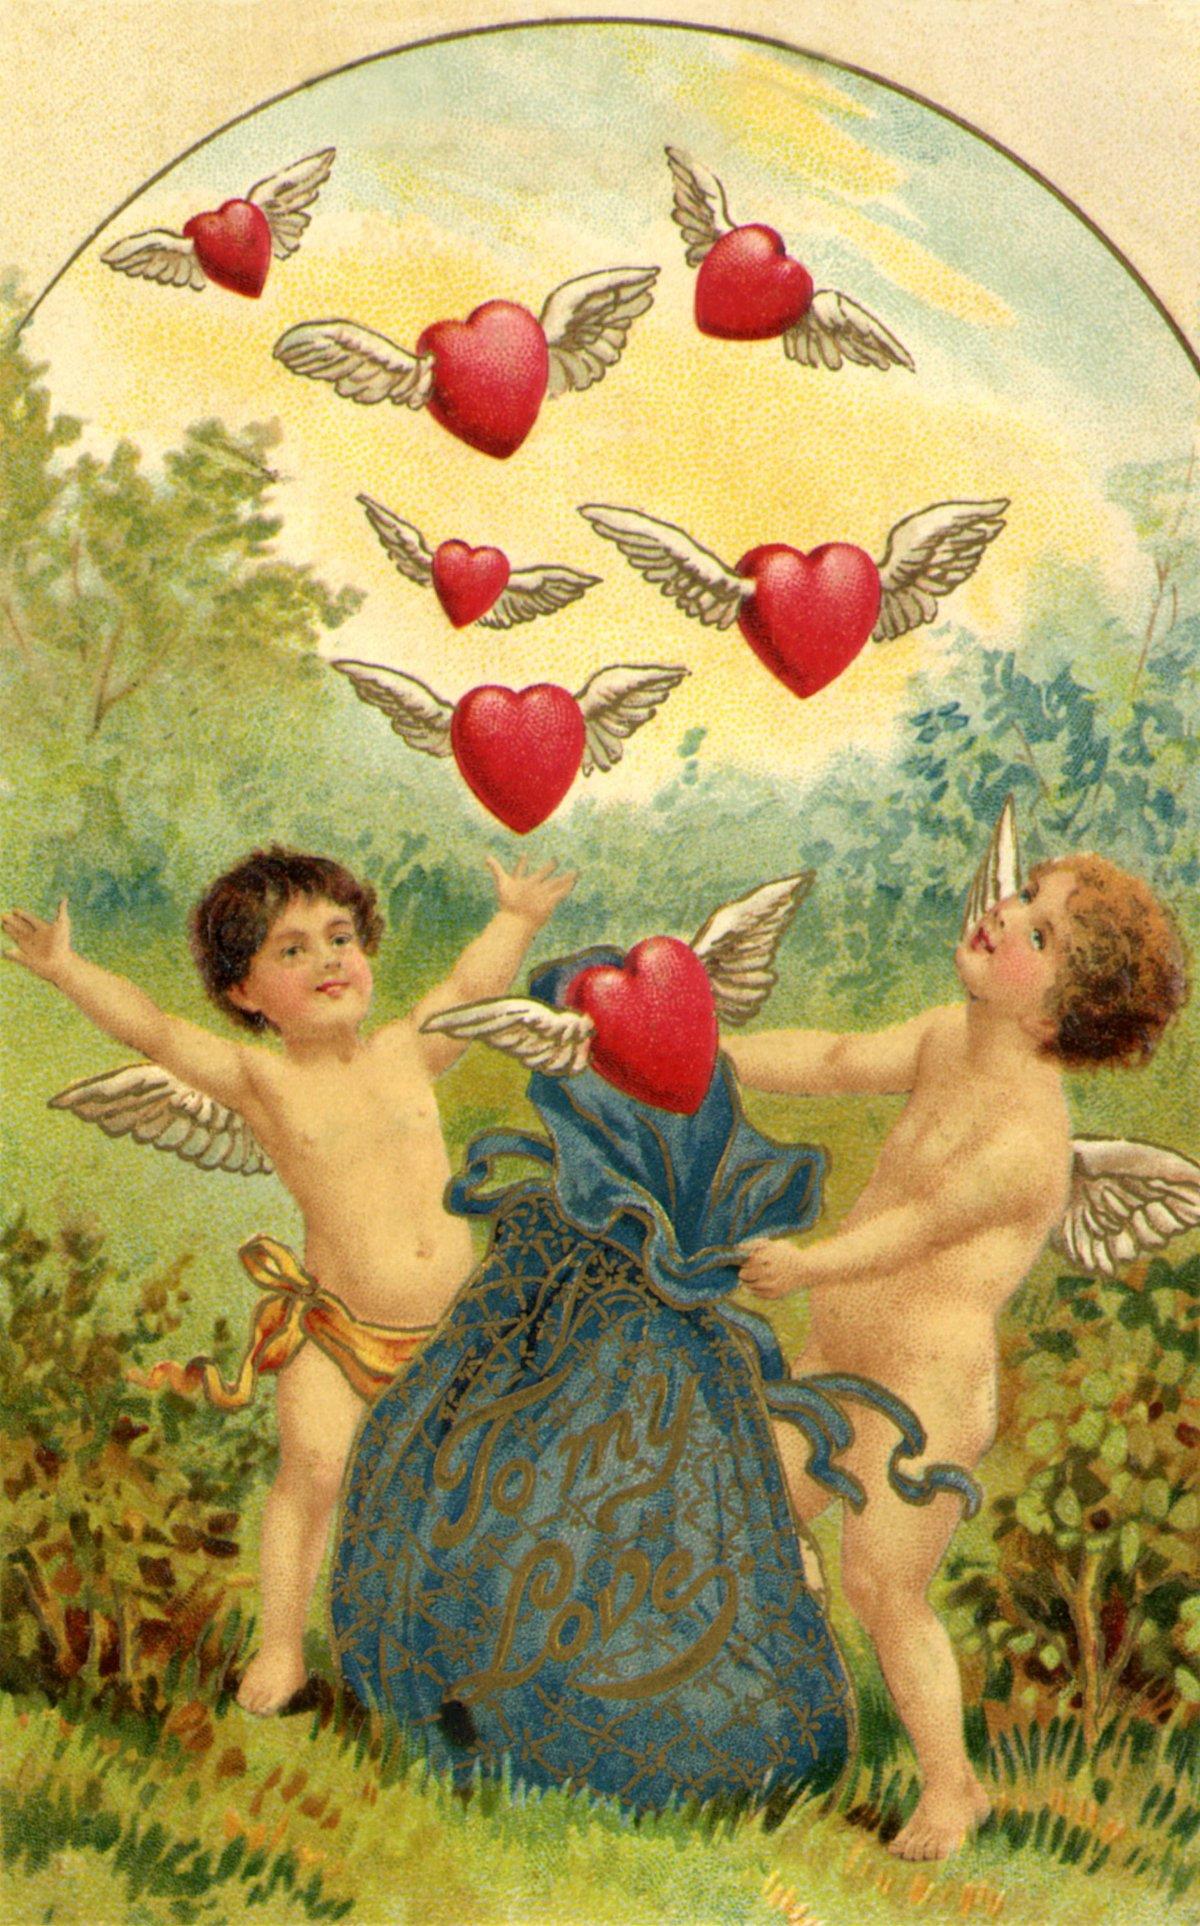 Сердечком картинки, амуры открытки